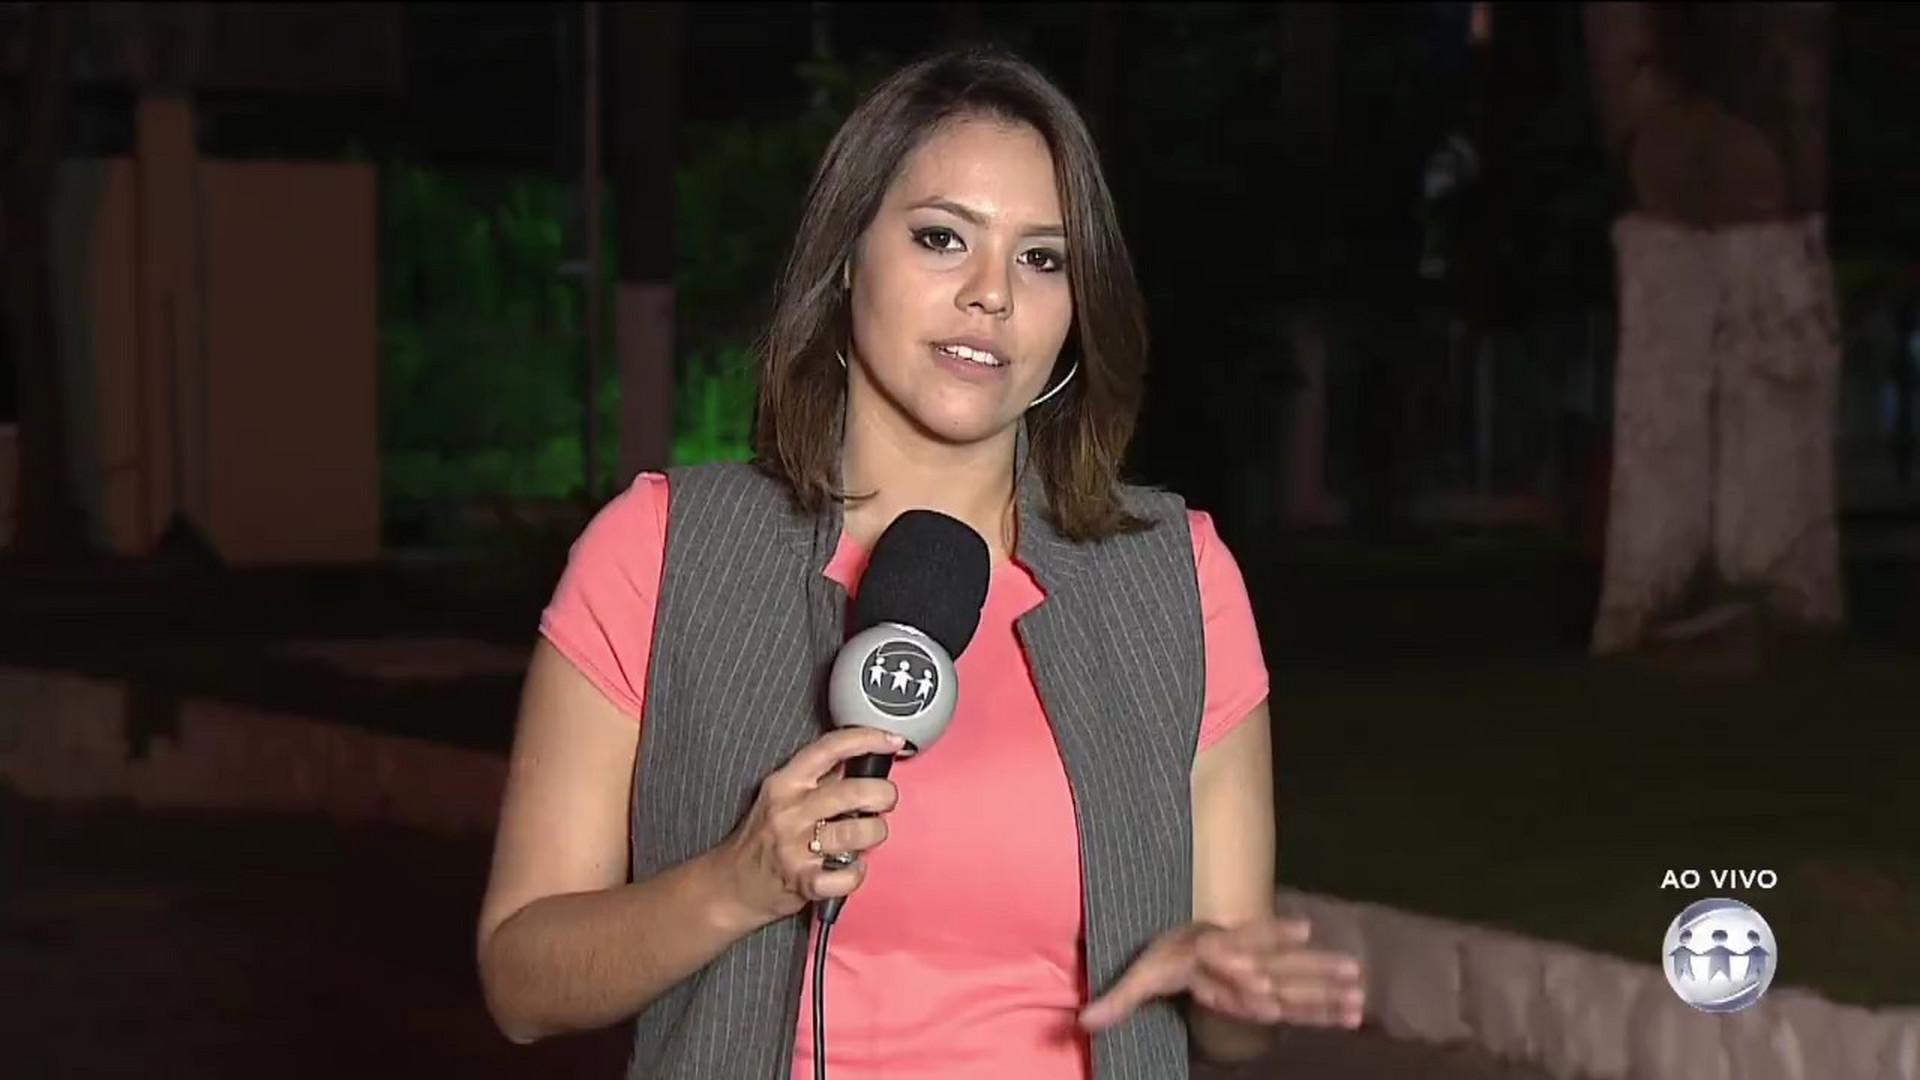 ELETROBRAS DEVE 3 BILHÕES DE REAIS PARA OS CONSUMIDORES DO AMAZONAS - A Crítica na TV 17/08/17